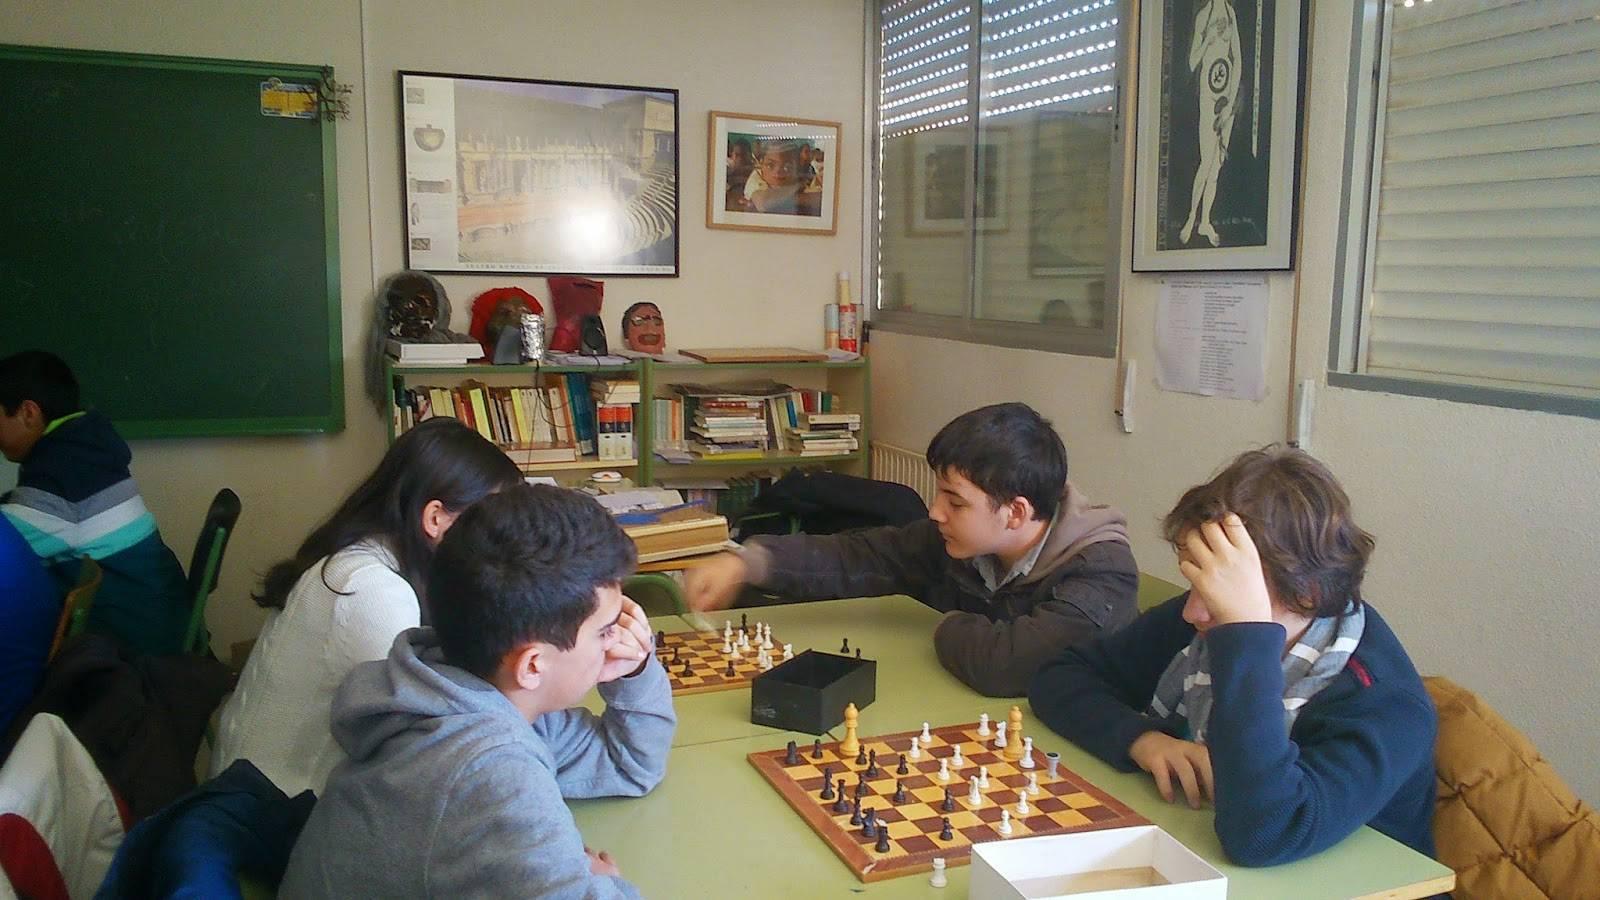 I Campeonato de ajedrez Anthropos5 - Ánthropos está organizando su I Campeonato de Ajedrez en el IES Hermógenes Rodríguez